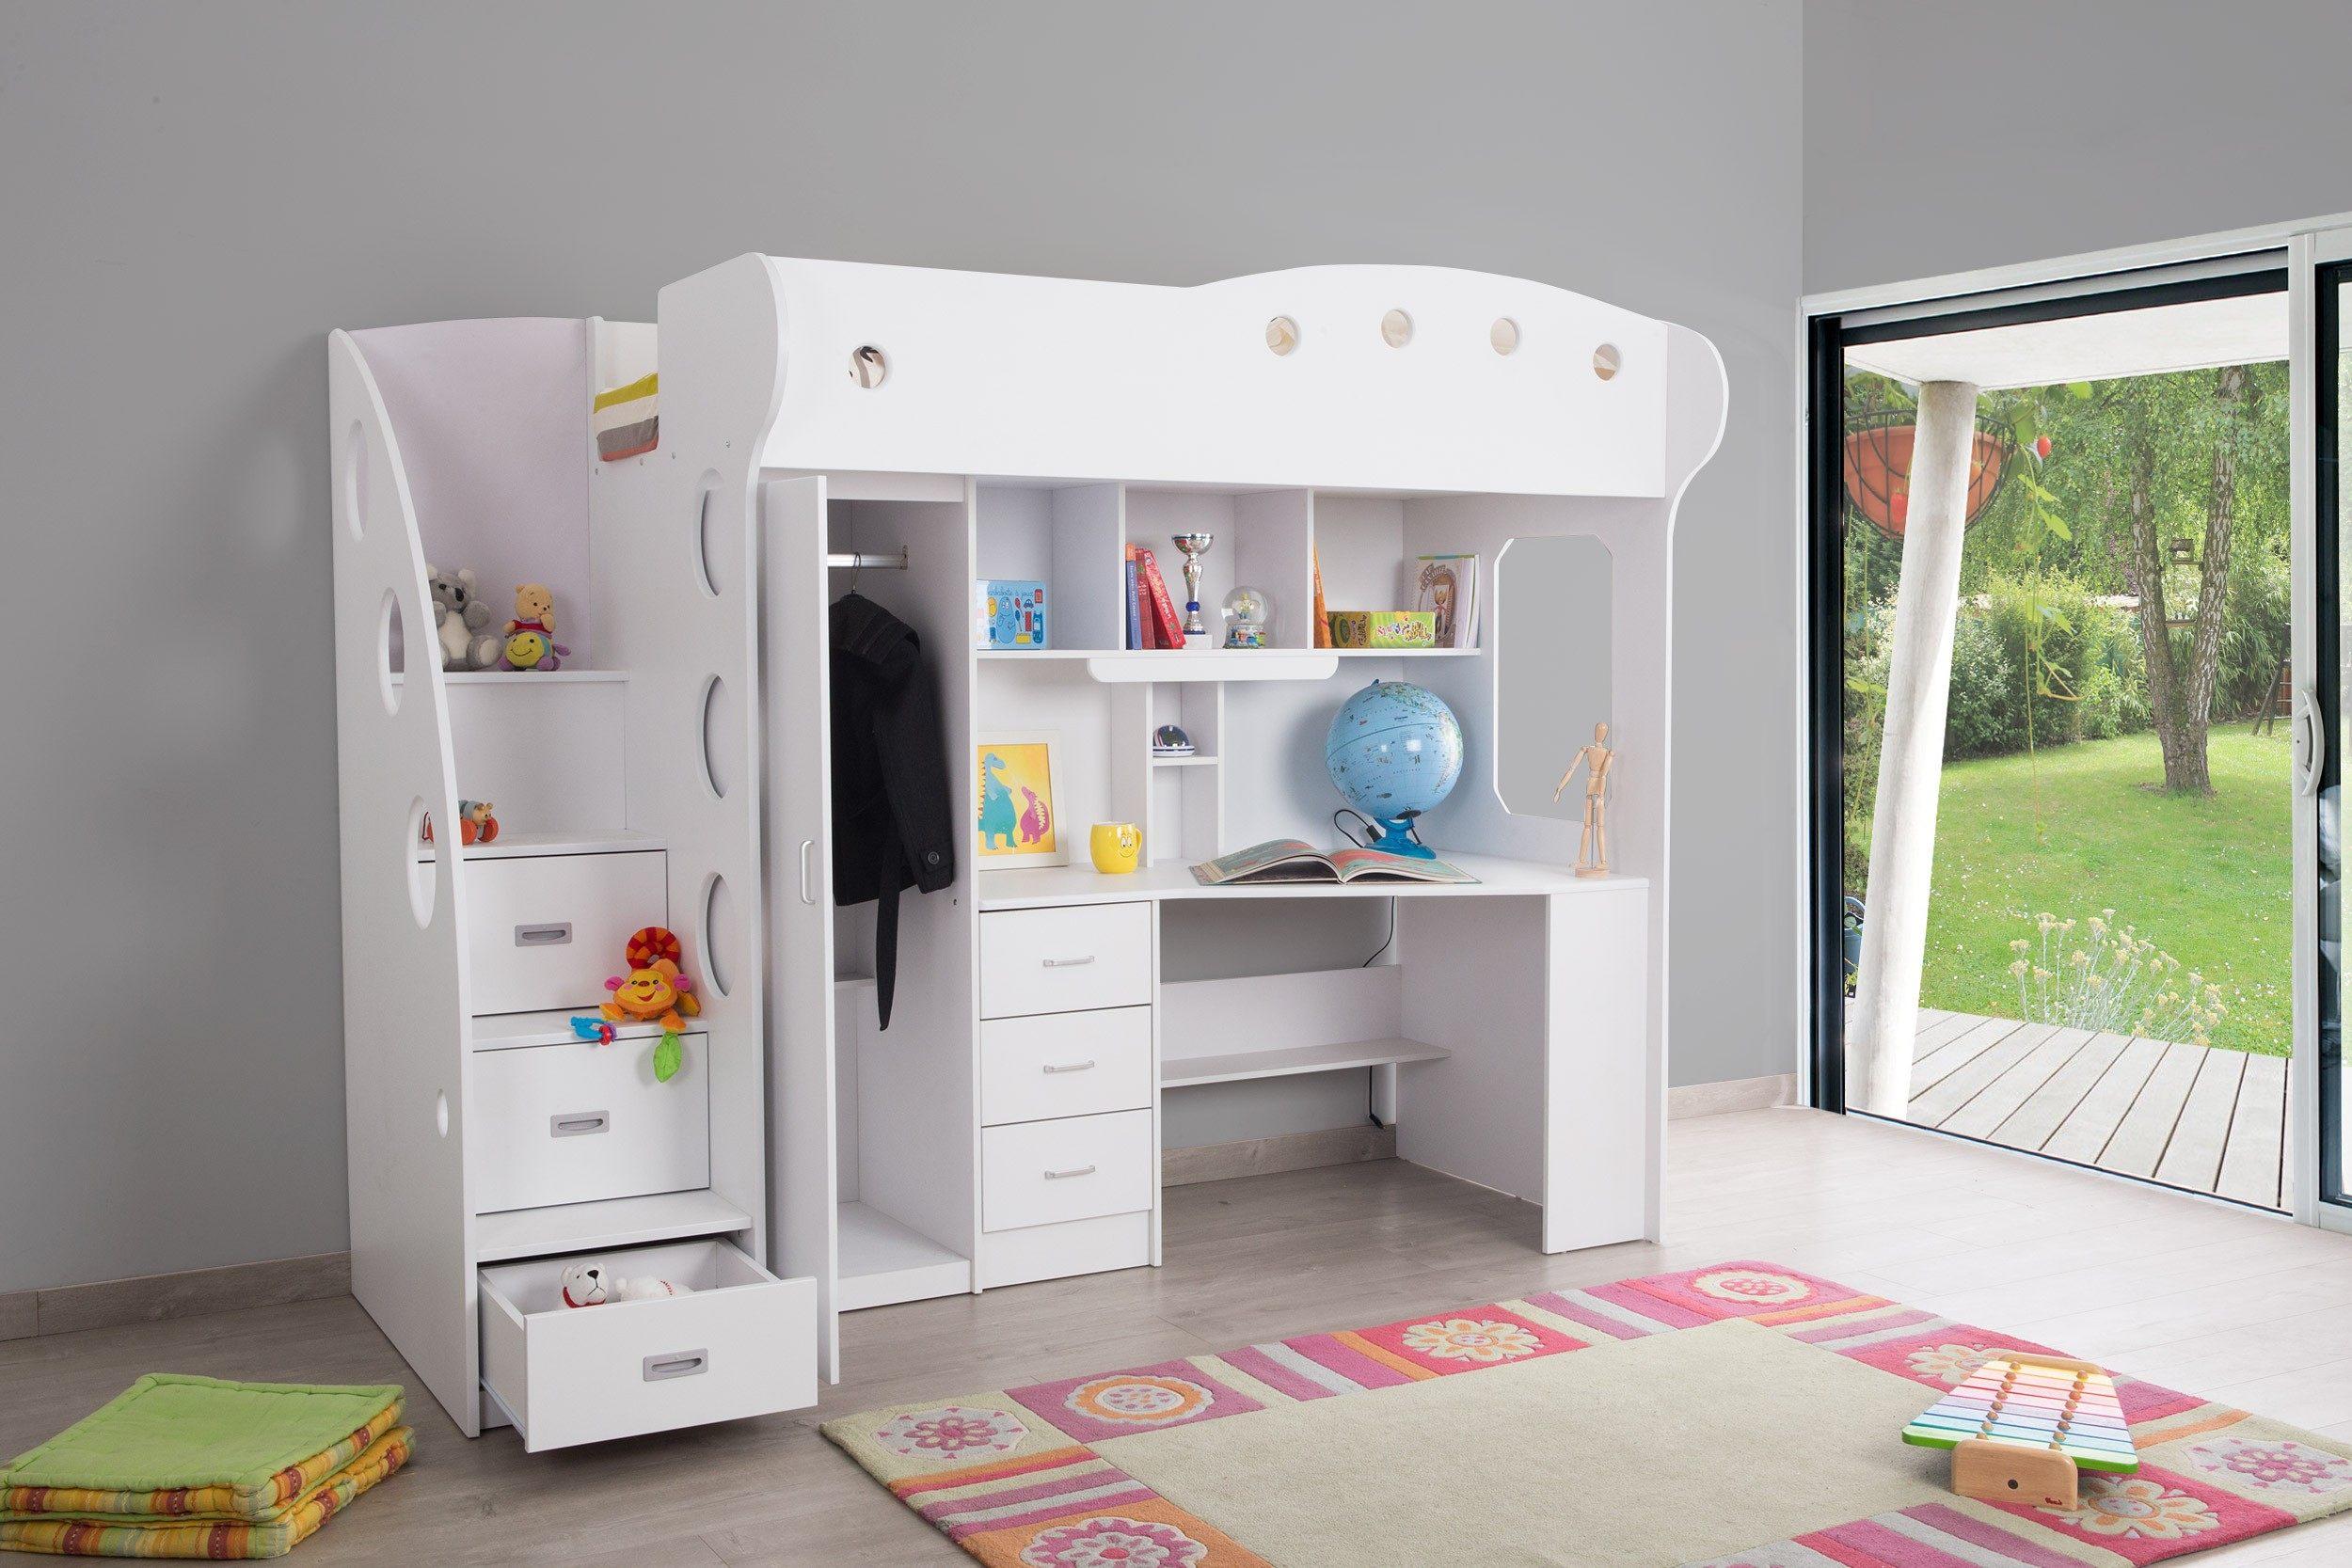 Lit Superposé En Bois Élégant Charmant Chambre Enfant Lit Superposé Et Lit Bine Ikea Maison Design